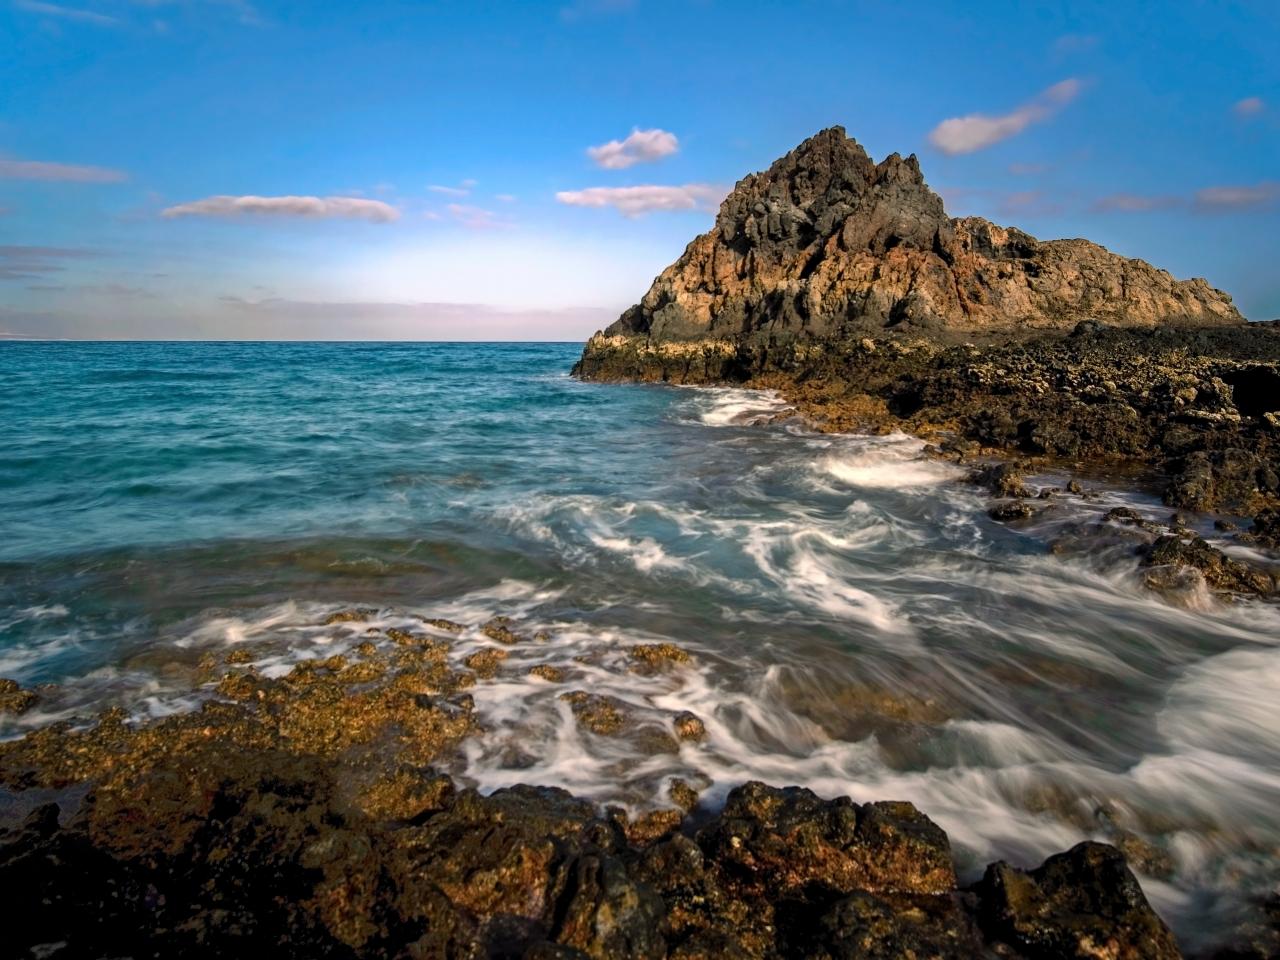 Isla de Lobos en España - 1280x960